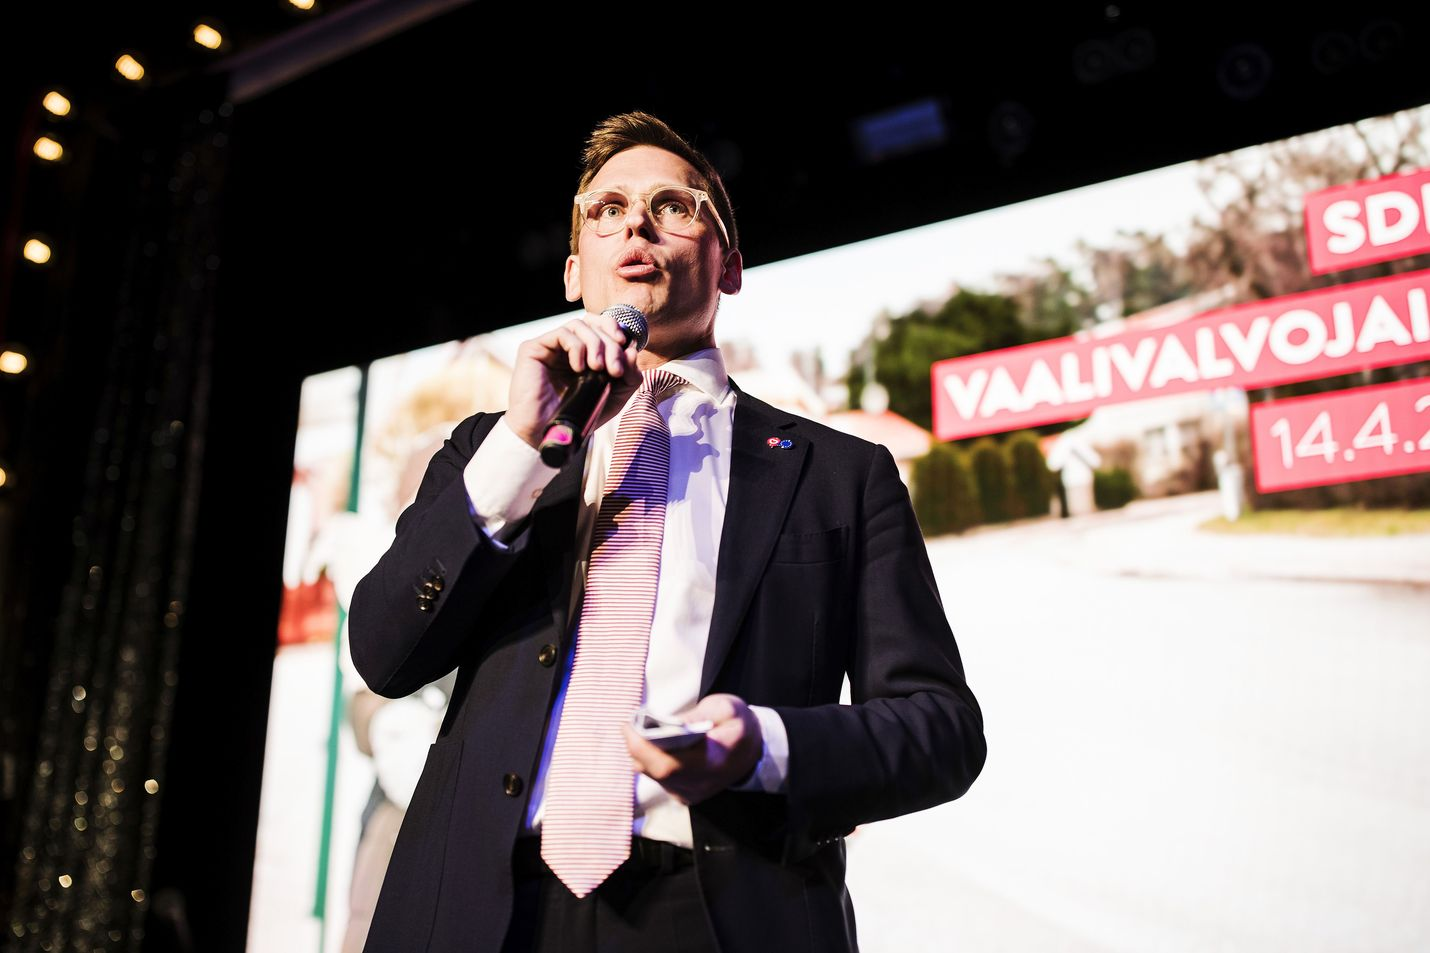 Myös sdp siirtää puoluekokoustaan. Puoluesihteeri Antton Rönnholm perustelee siirtoa osallistujien turvallisuuden takaamisella koronatilanteessa.